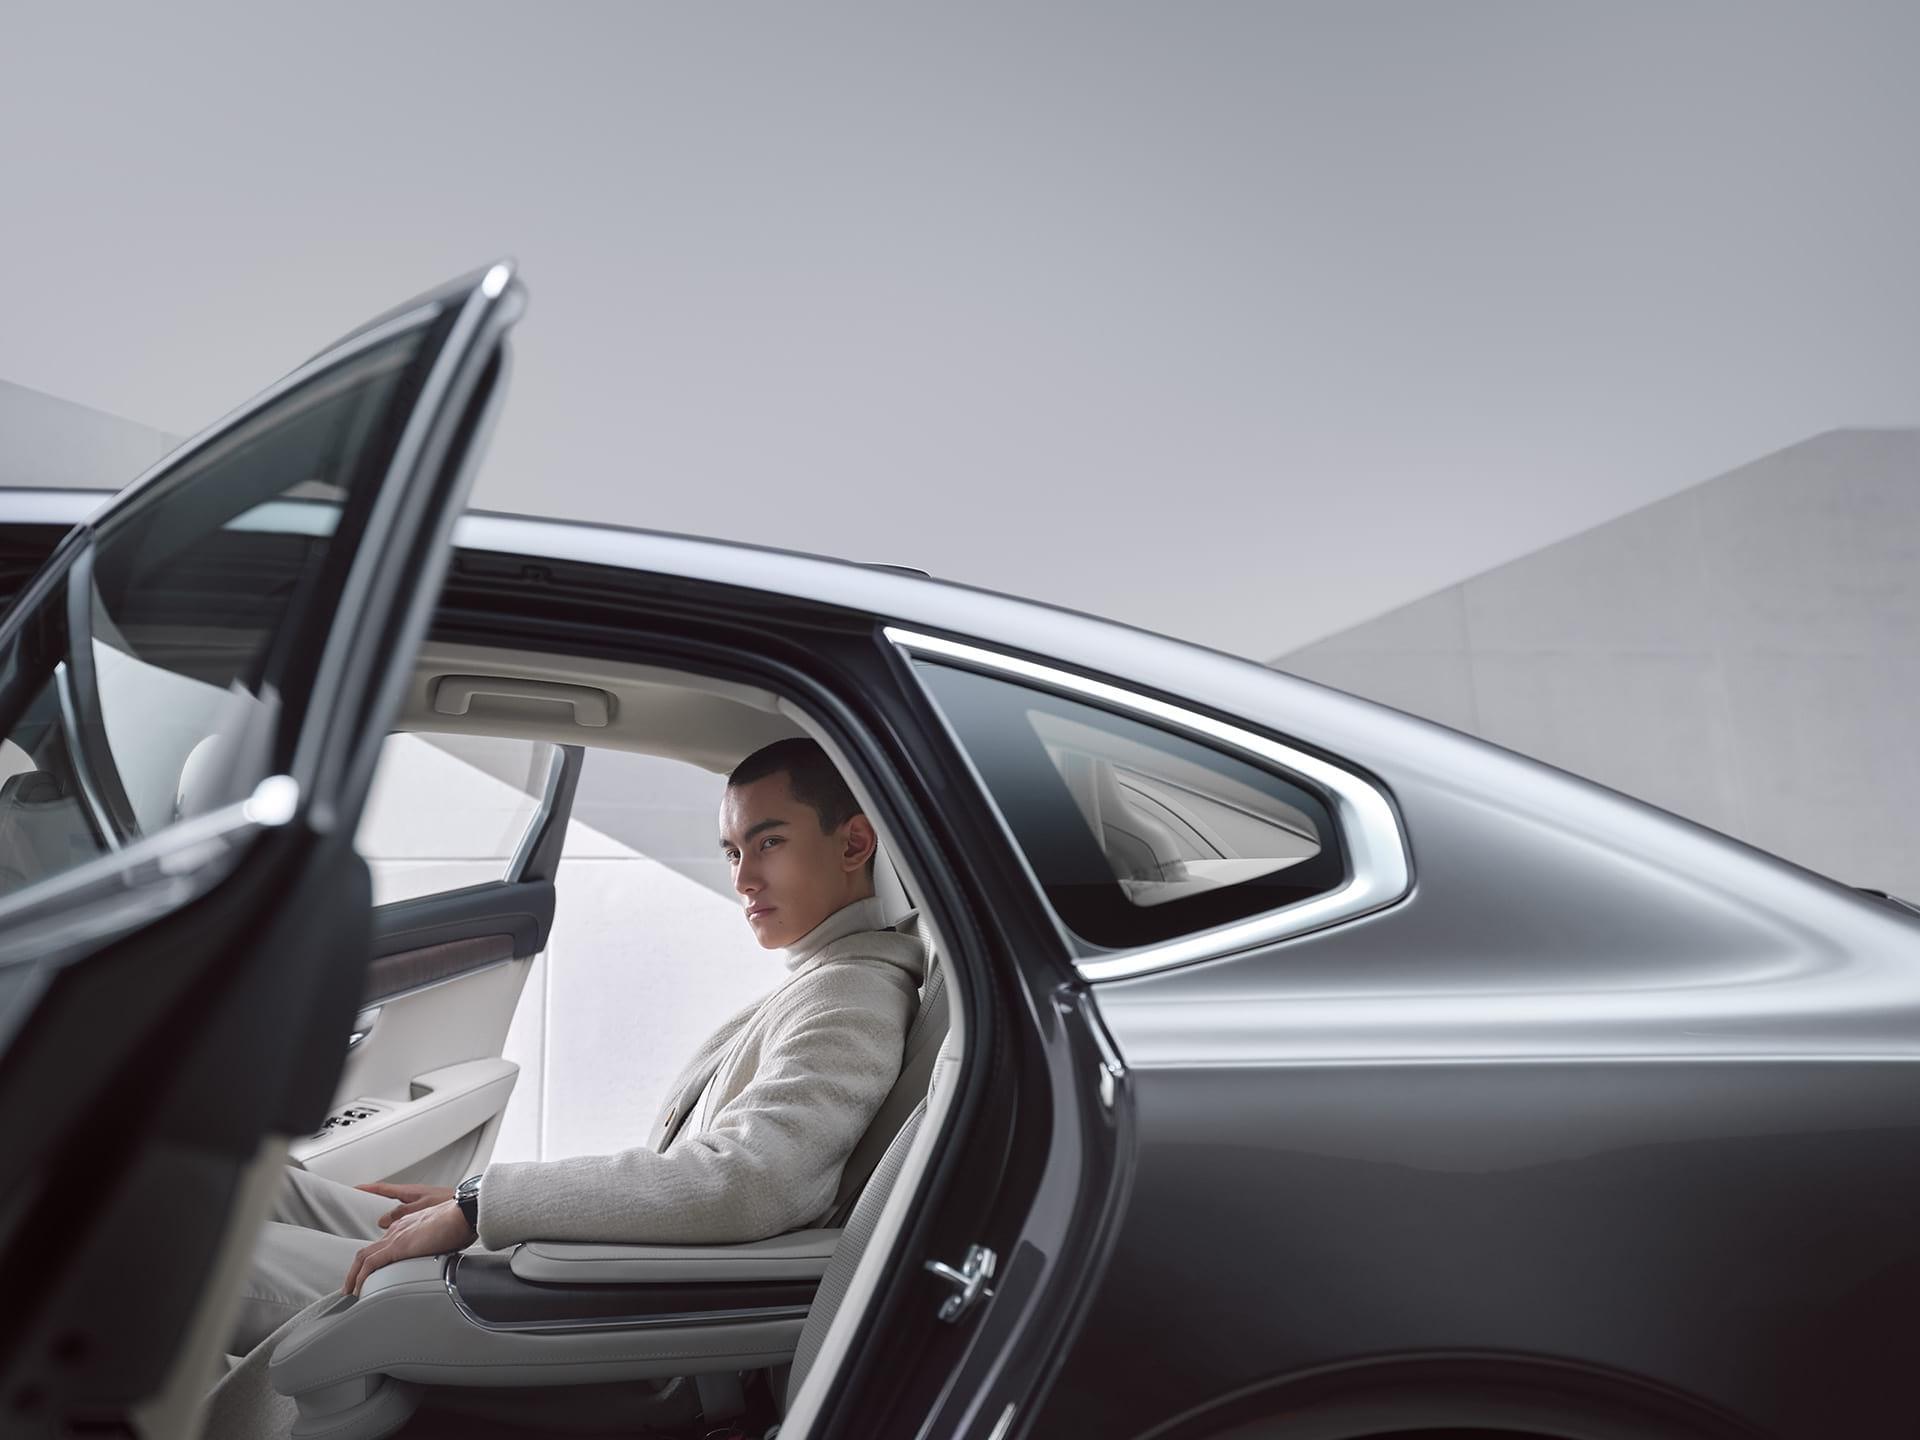 Un uomo seduto sul sedile posteriore di una Volvo S90 Recharge.